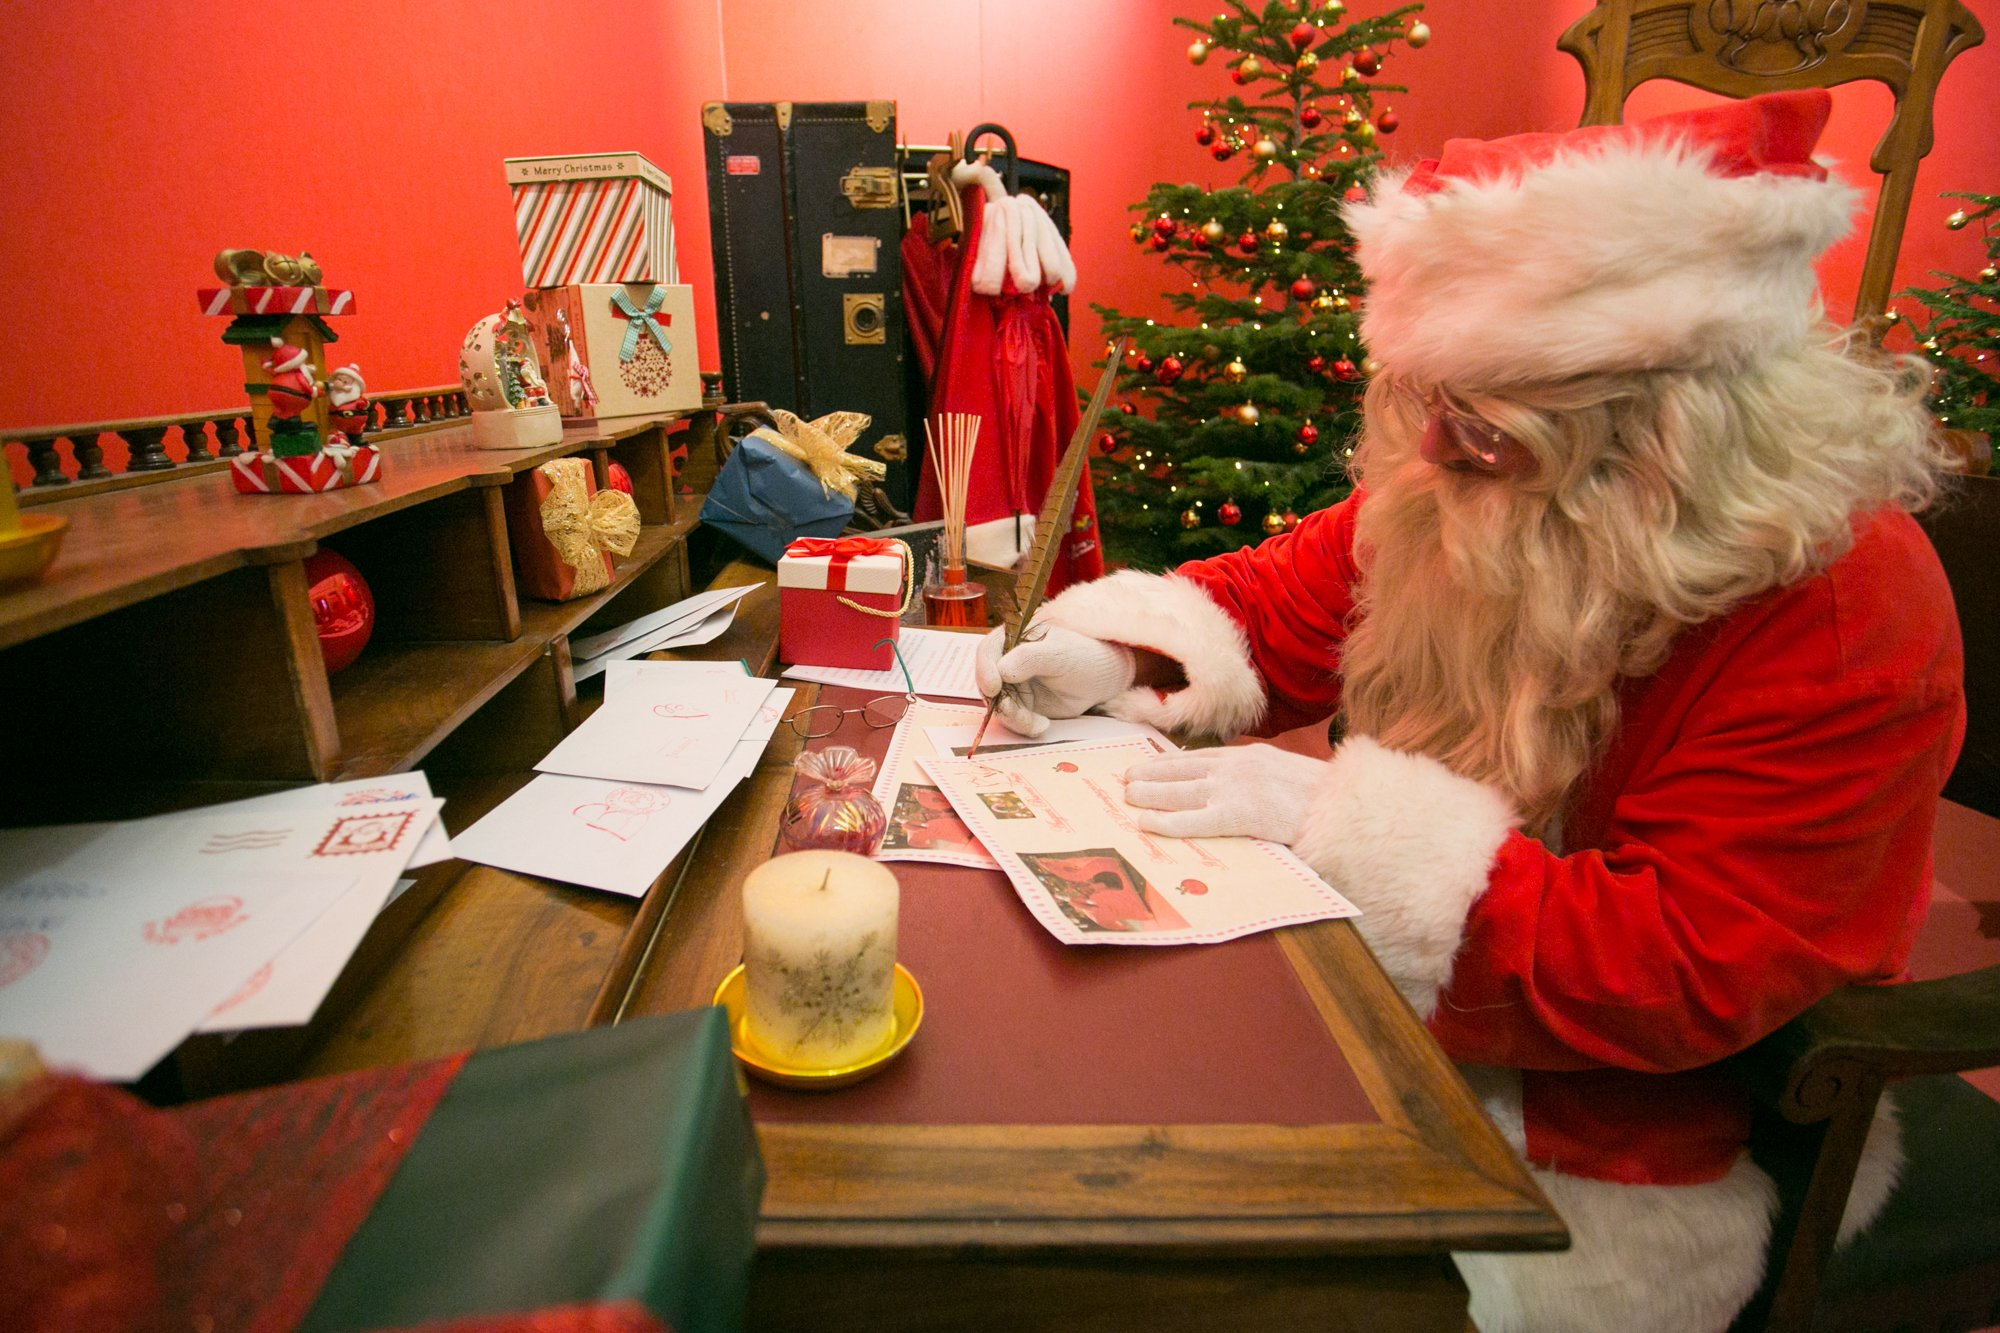 La Casa Di Babbo Natale Immagini.In Piazza Grande Arriva La Casa Di Babbo Natale Arezzoweb Informa